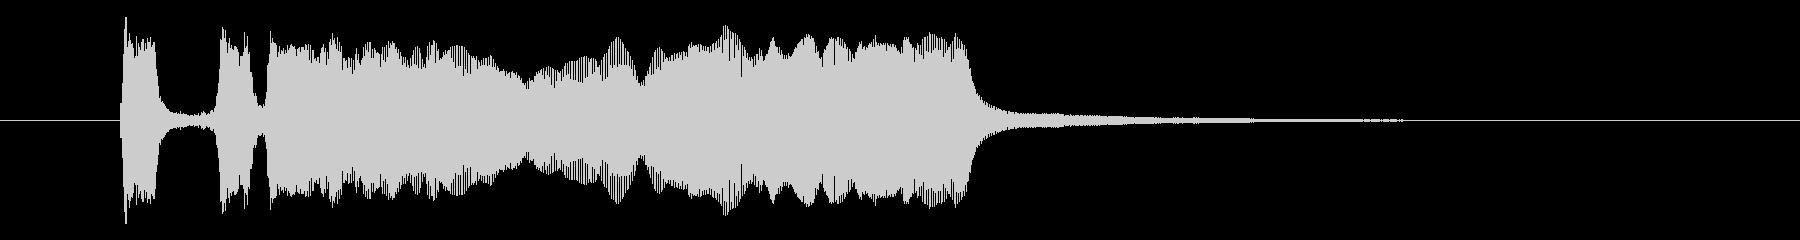 パッパパー(衝撃的な登場音)の未再生の波形